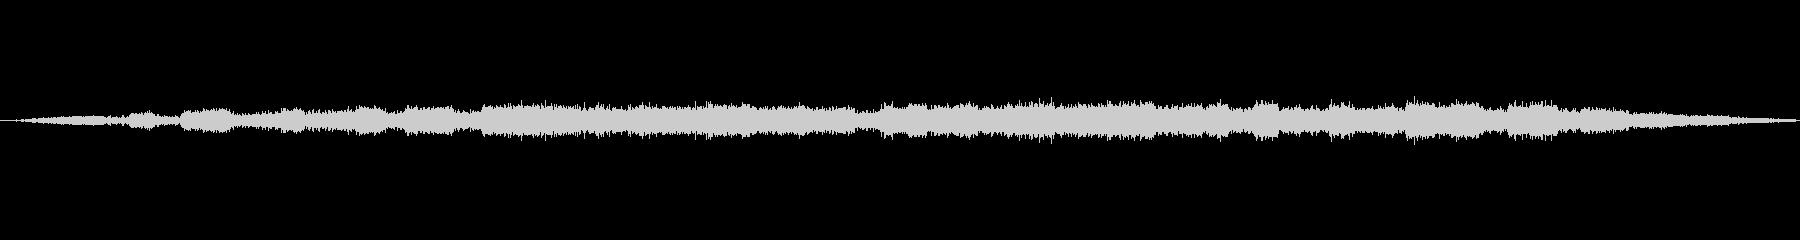 ランダムホールドエフェクトV.5ス...の未再生の波形